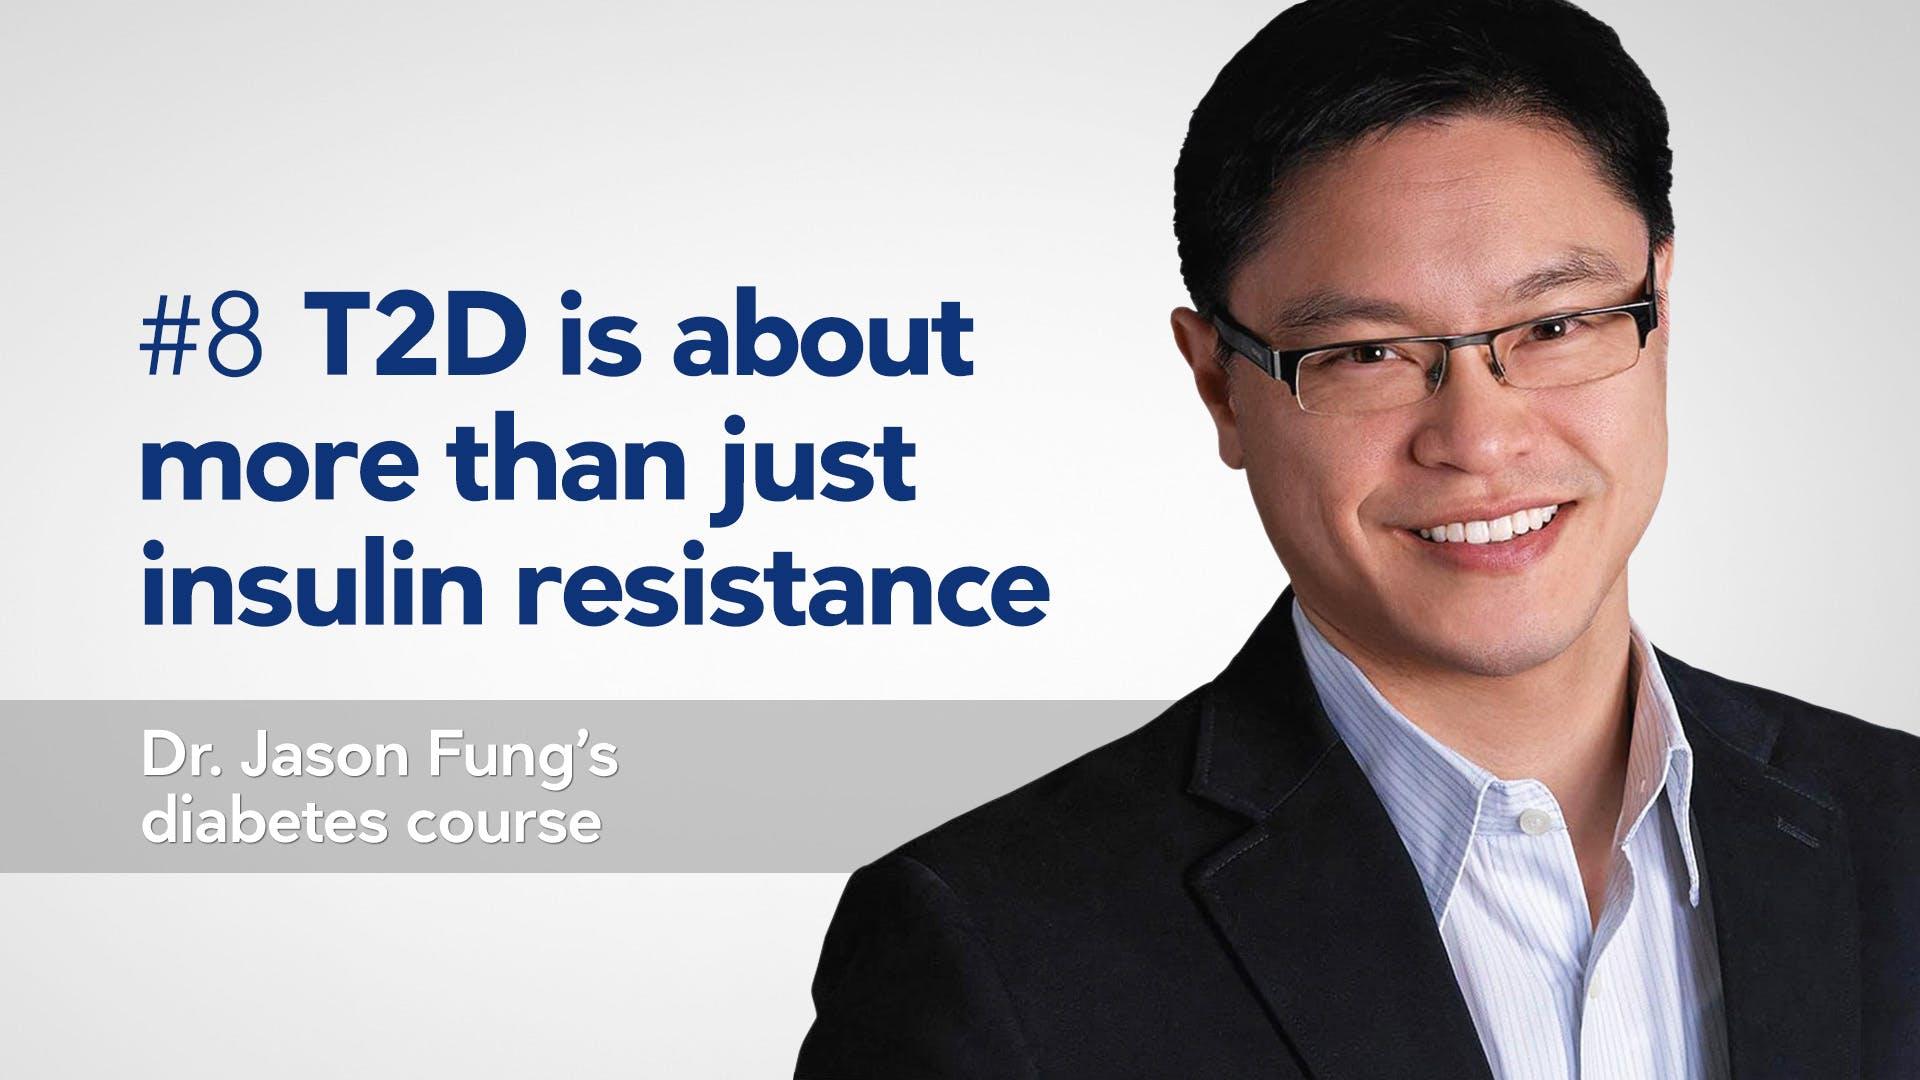 Part 8 of Dr. Jason Fung's diabetes course